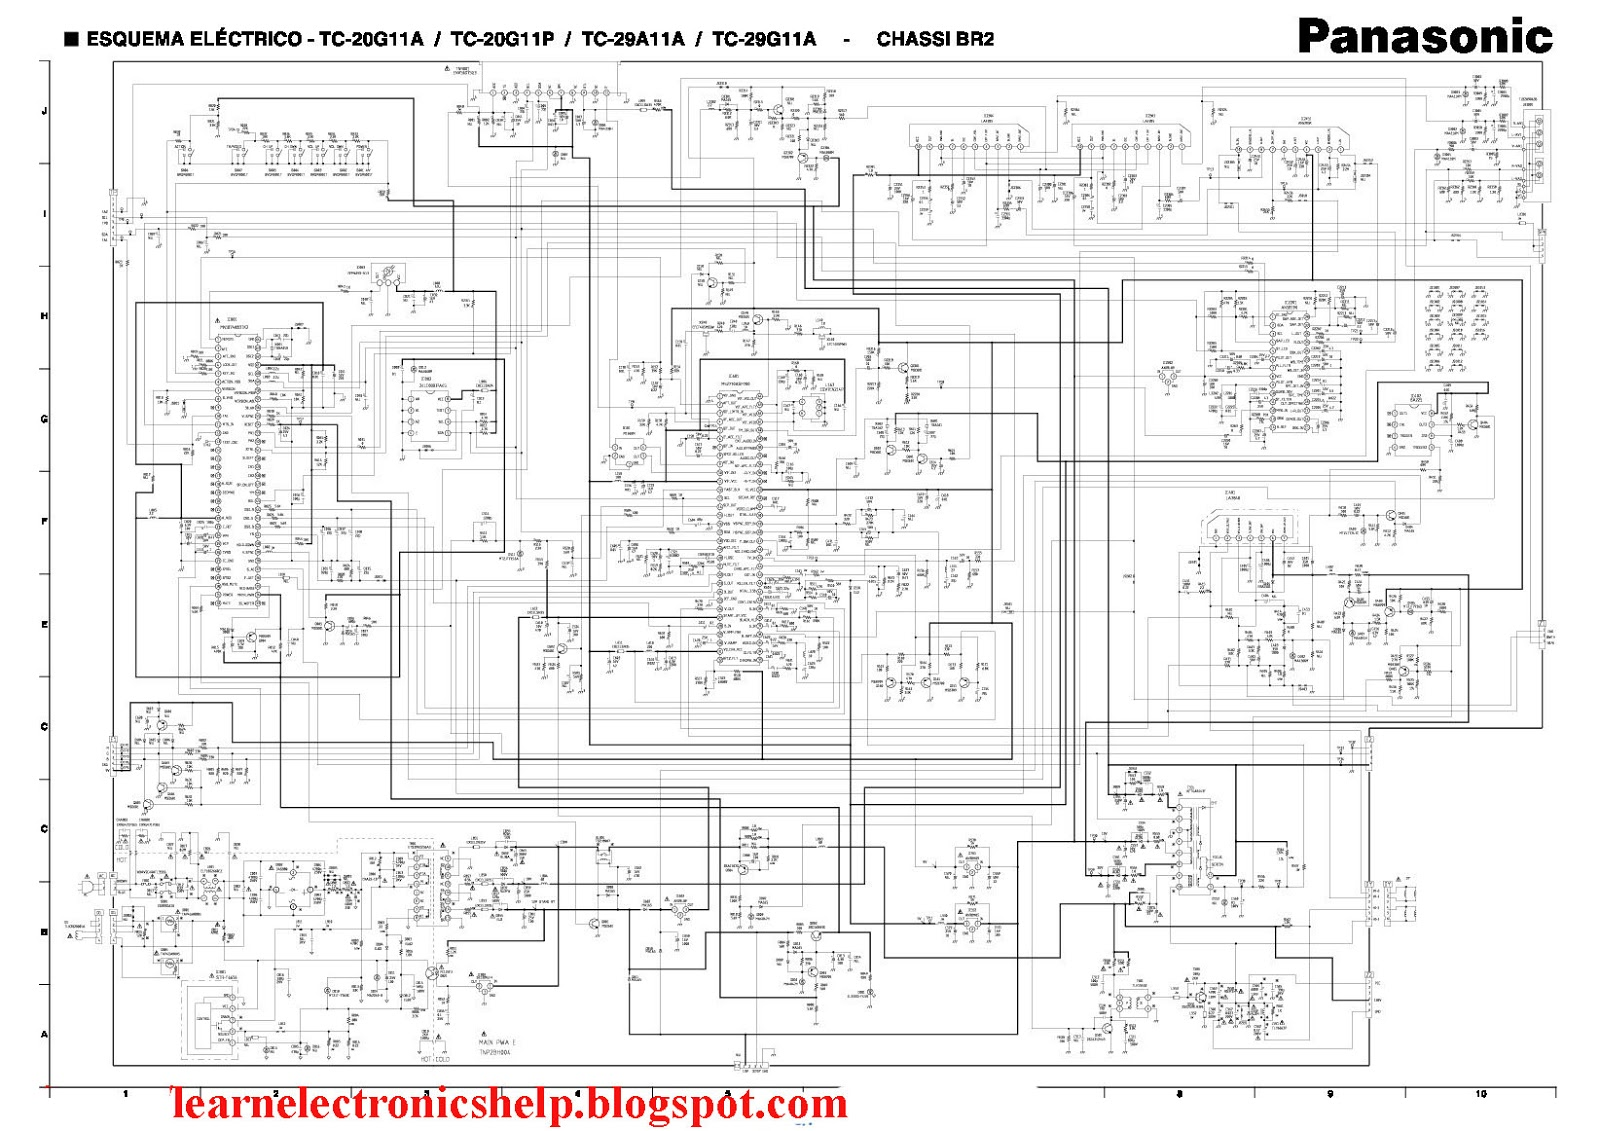 Panasonic Wiring Diagram | Wiring Diagram on